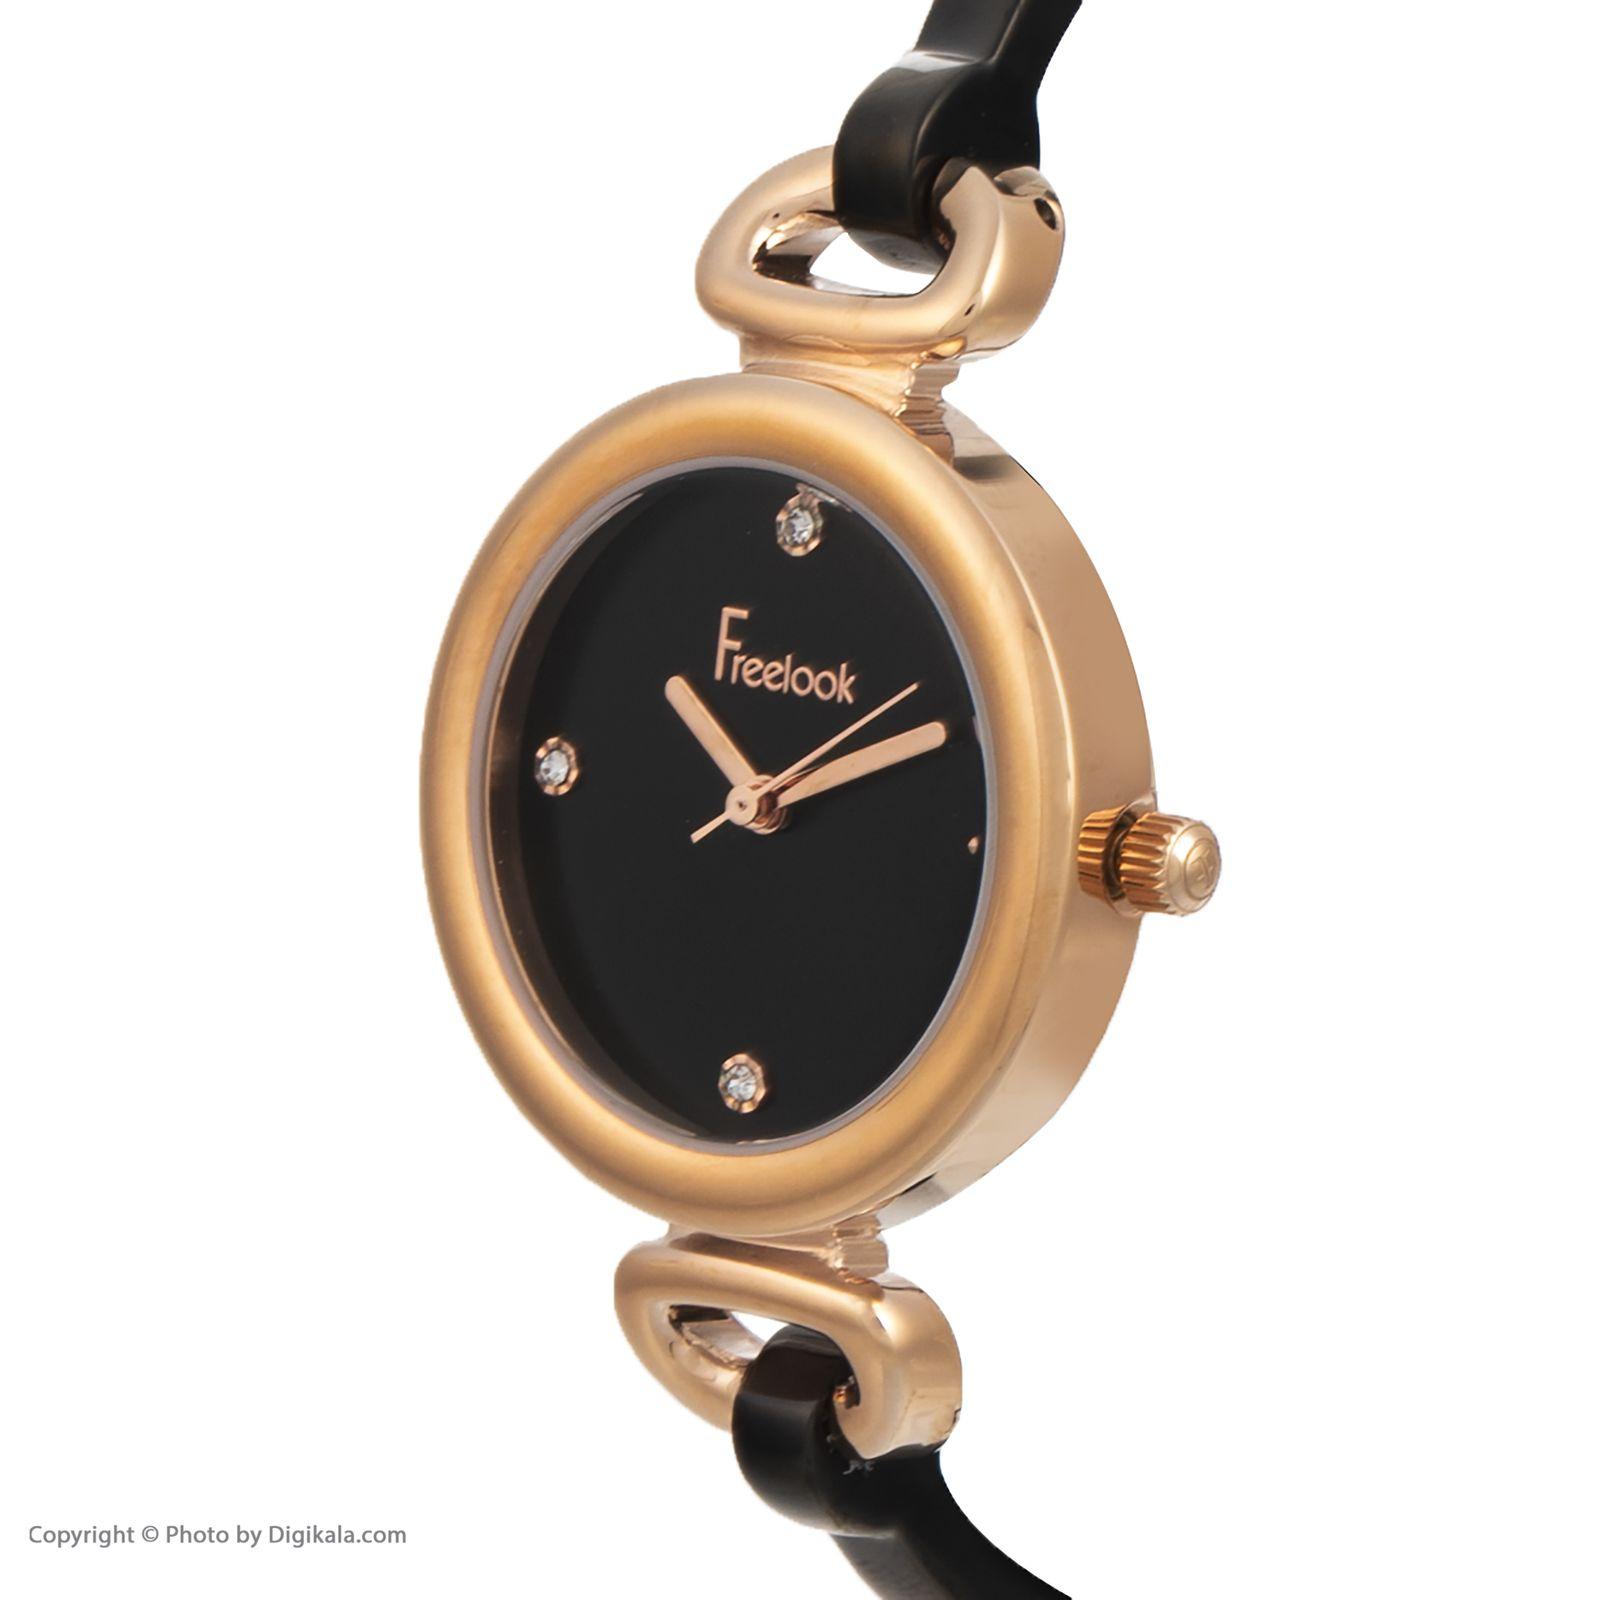 ساعت مچی عقربه ای زنانه فری لوک مدل F.8.1084.03 -  - 2